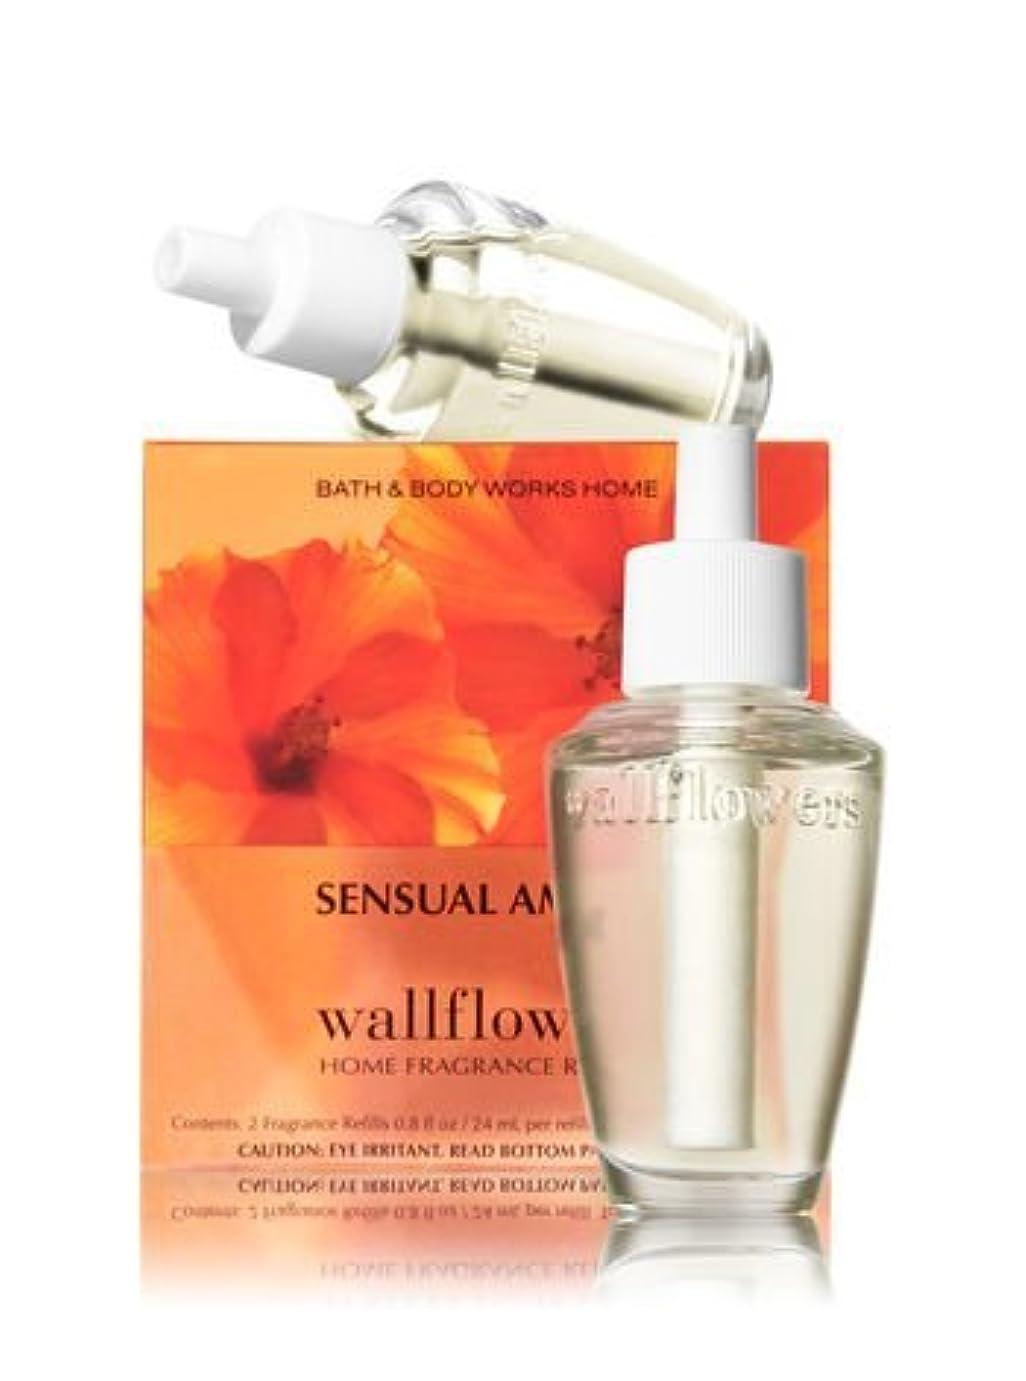 ブラスト地上でウェブ【Bath&Body Works/バス&ボディワークス】 ルームフレグランス 詰替えリフィル(2個入り) センシュアルアンバー Wallflowers Home Fragrance 2-Pack Refills Sensual Amber [並行輸入品]